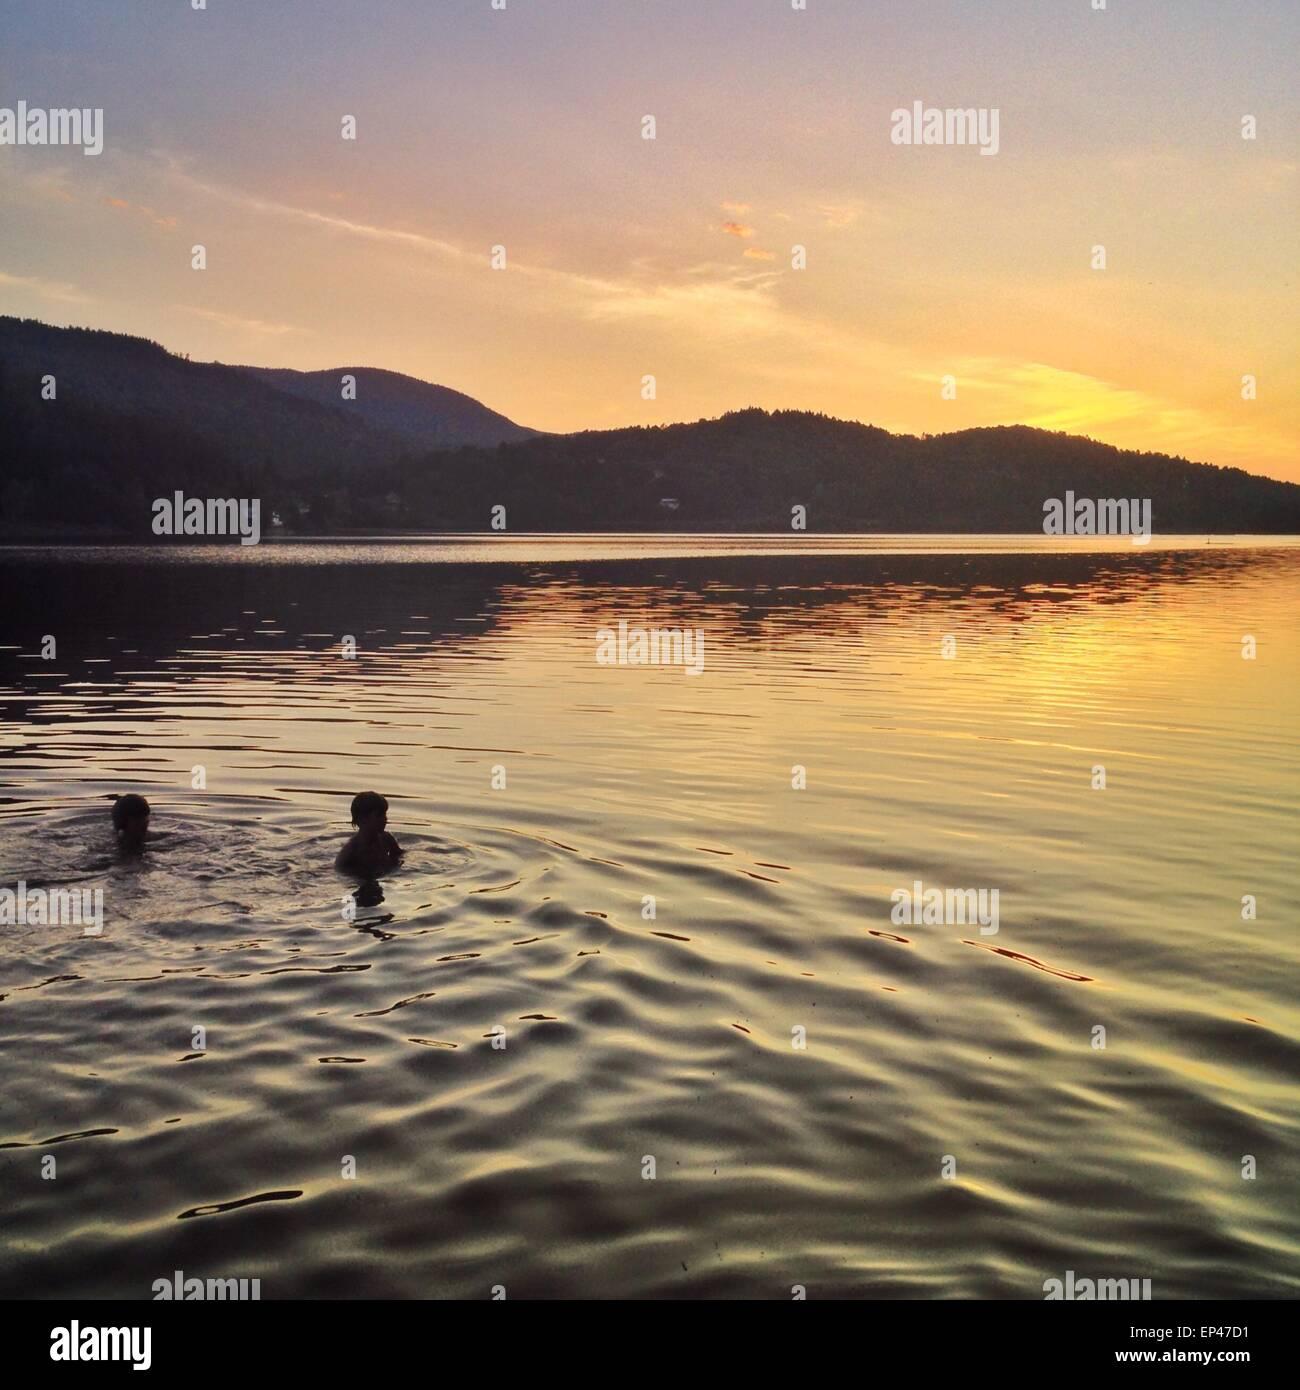 Dos niños nadando en el mar al atardecer, Hof, Vestfold, Noruega Imagen De Stock